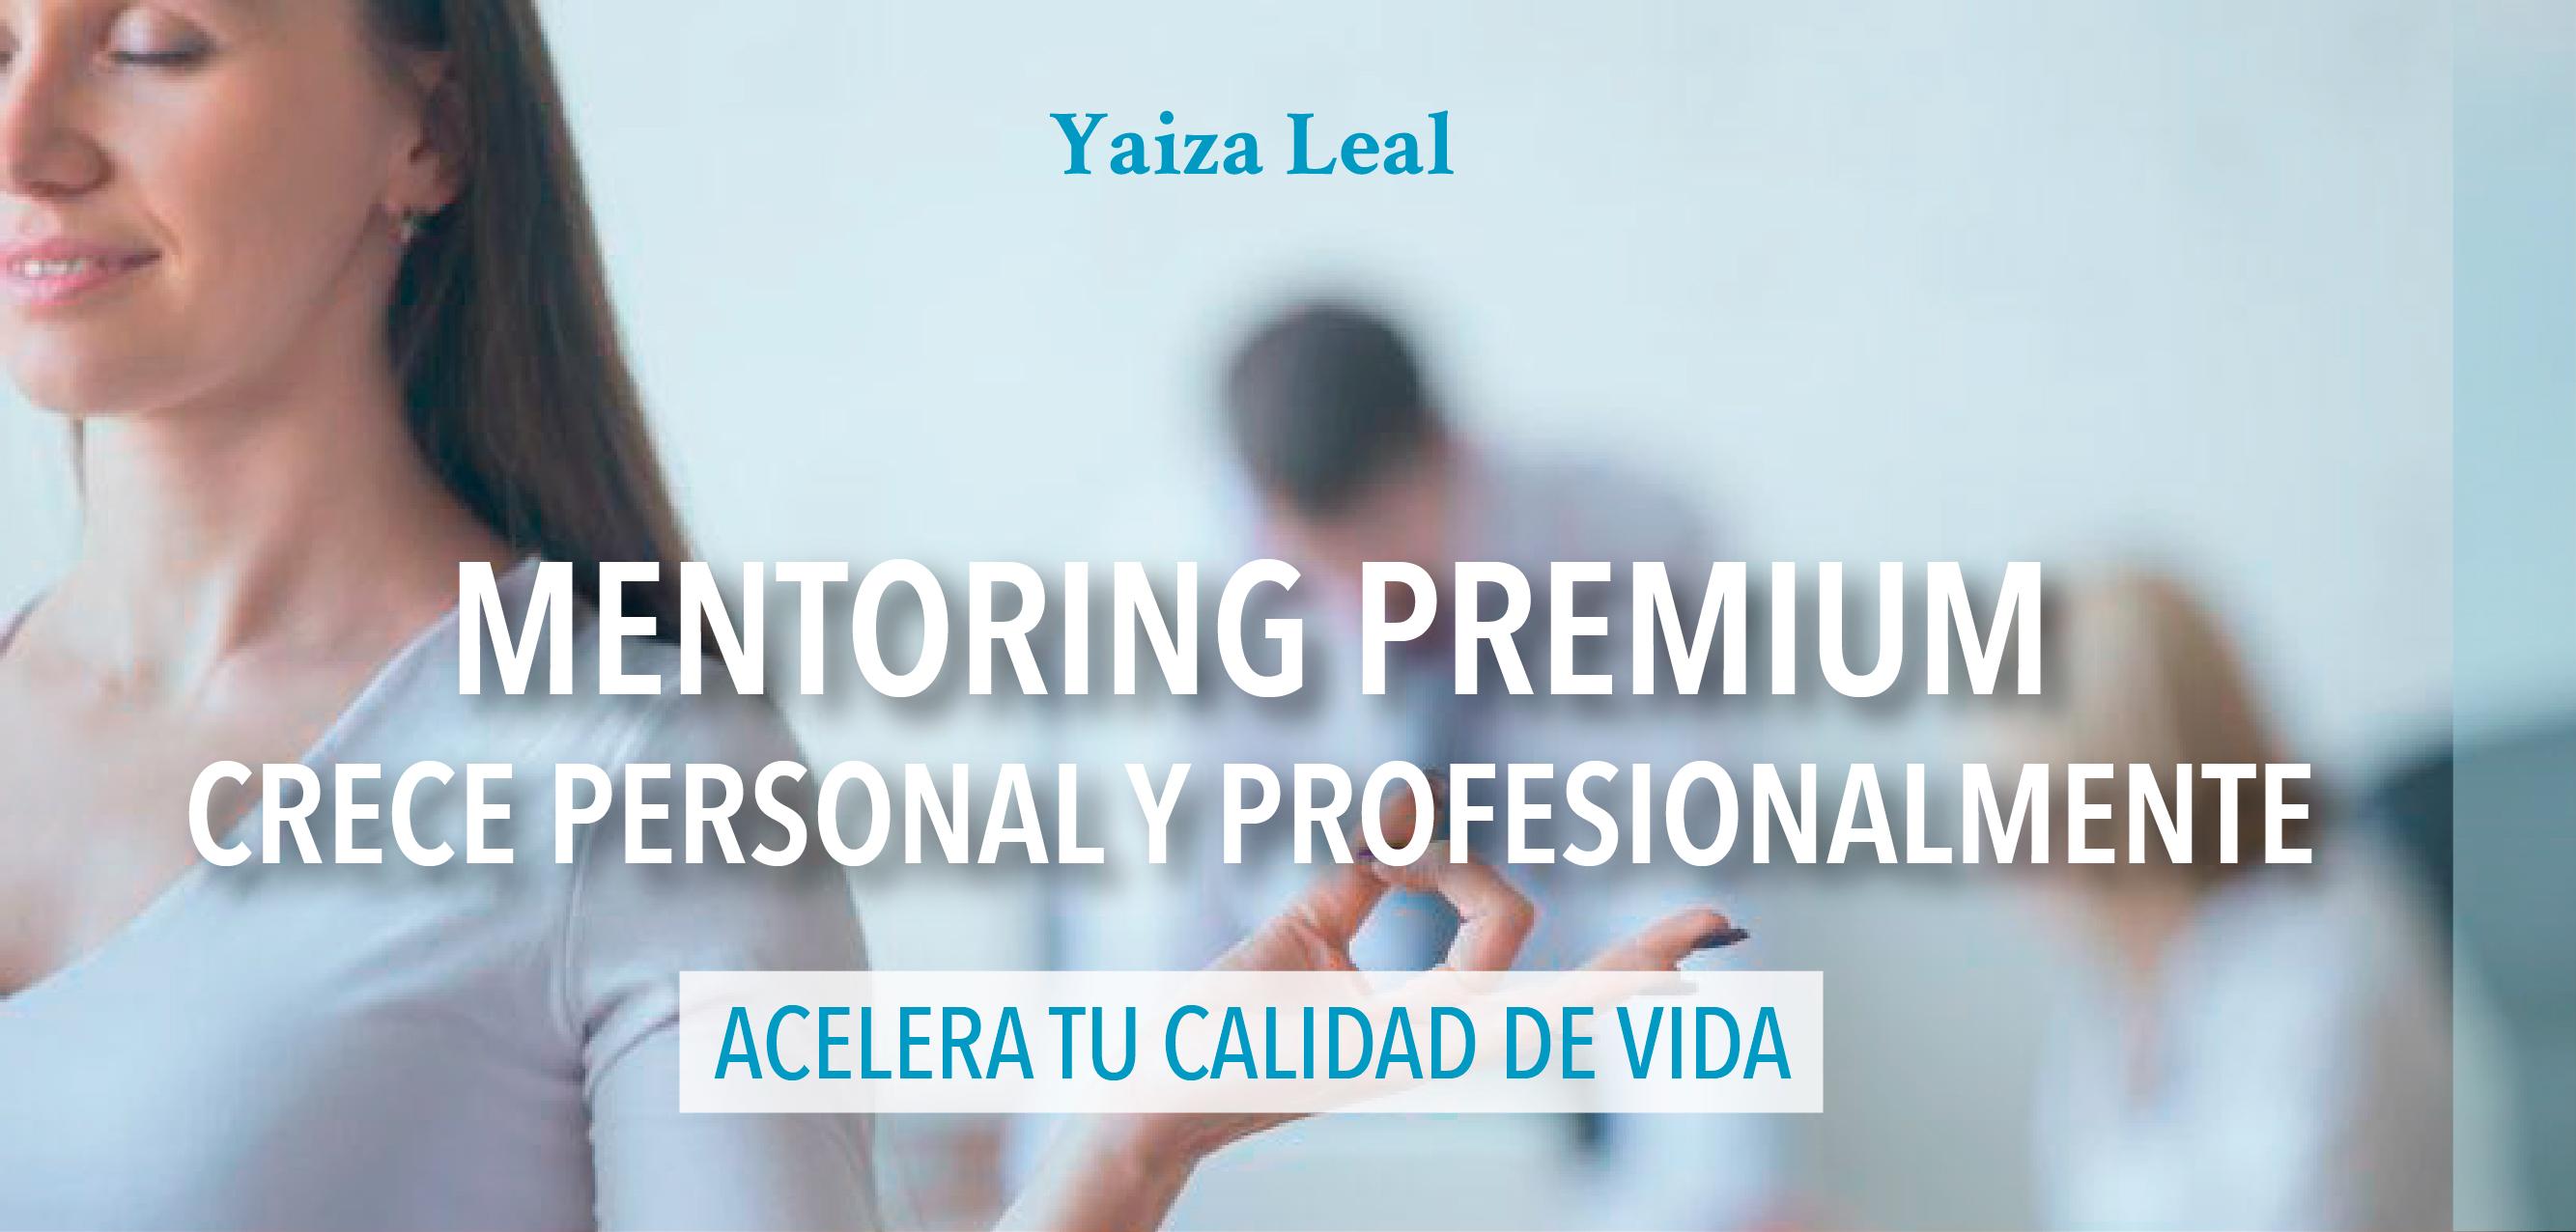 Mentoring premium